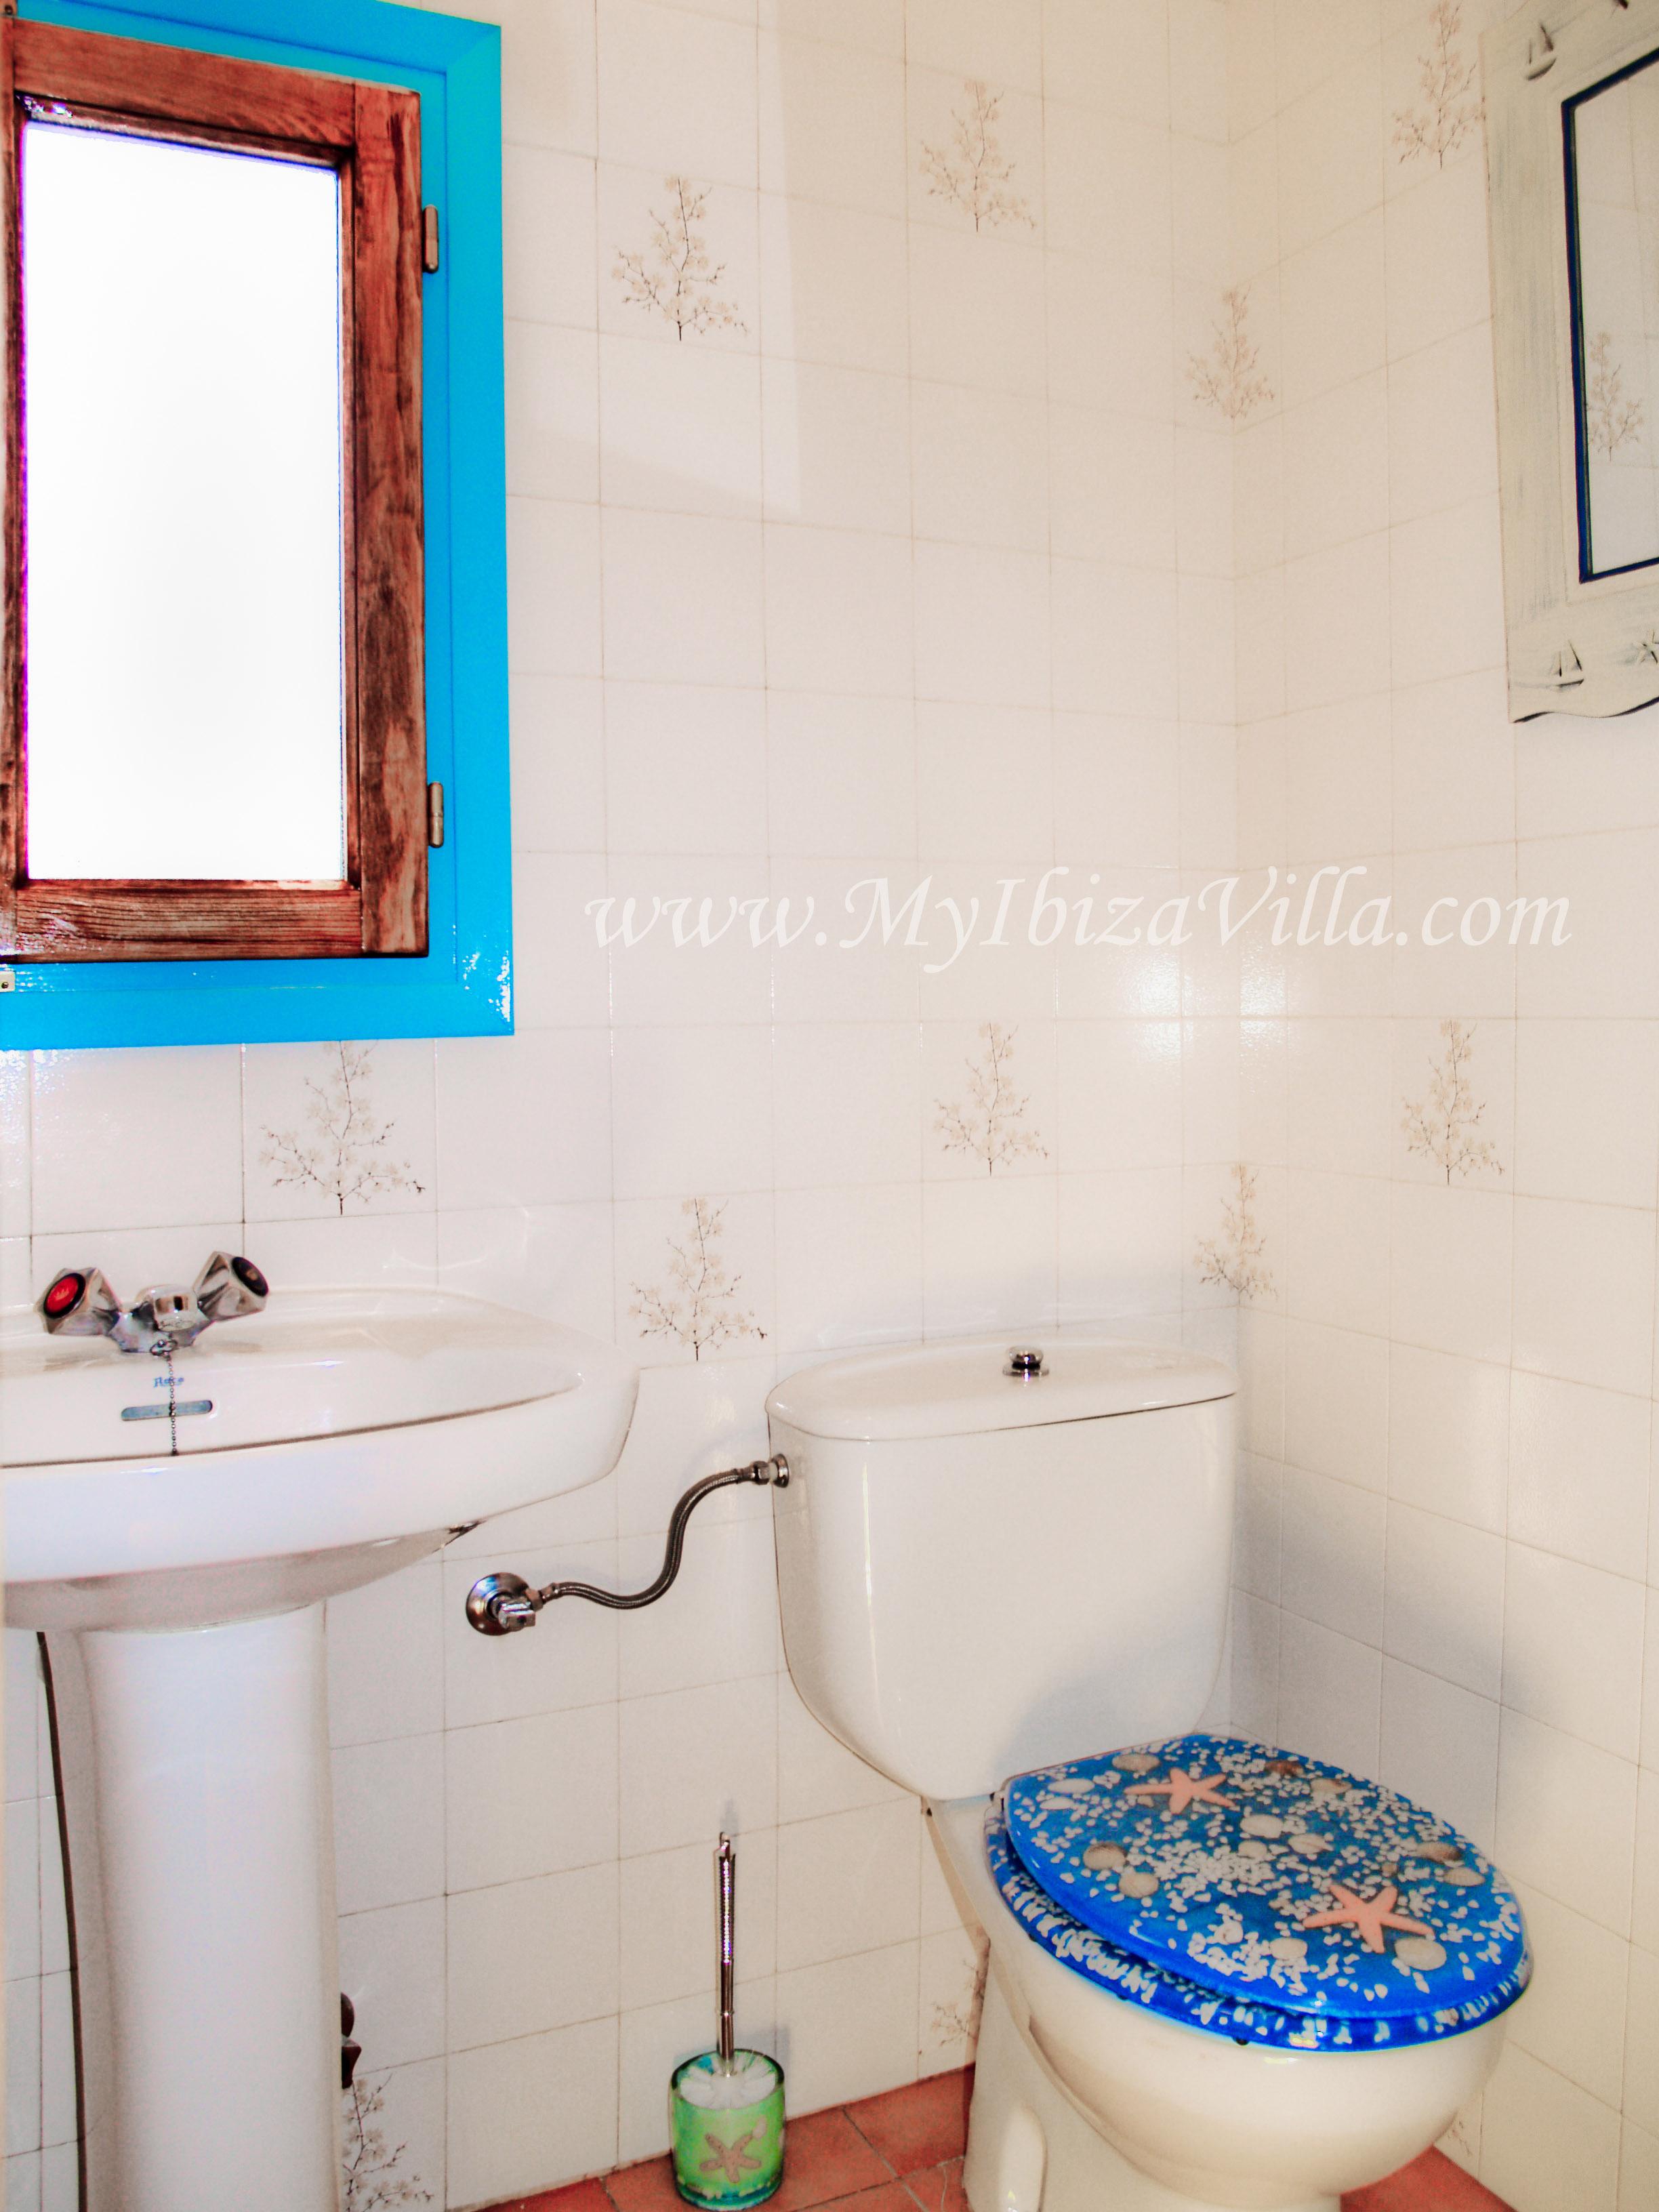 Badkamer met douche, wc en lavabo van deze villa Ibiza.